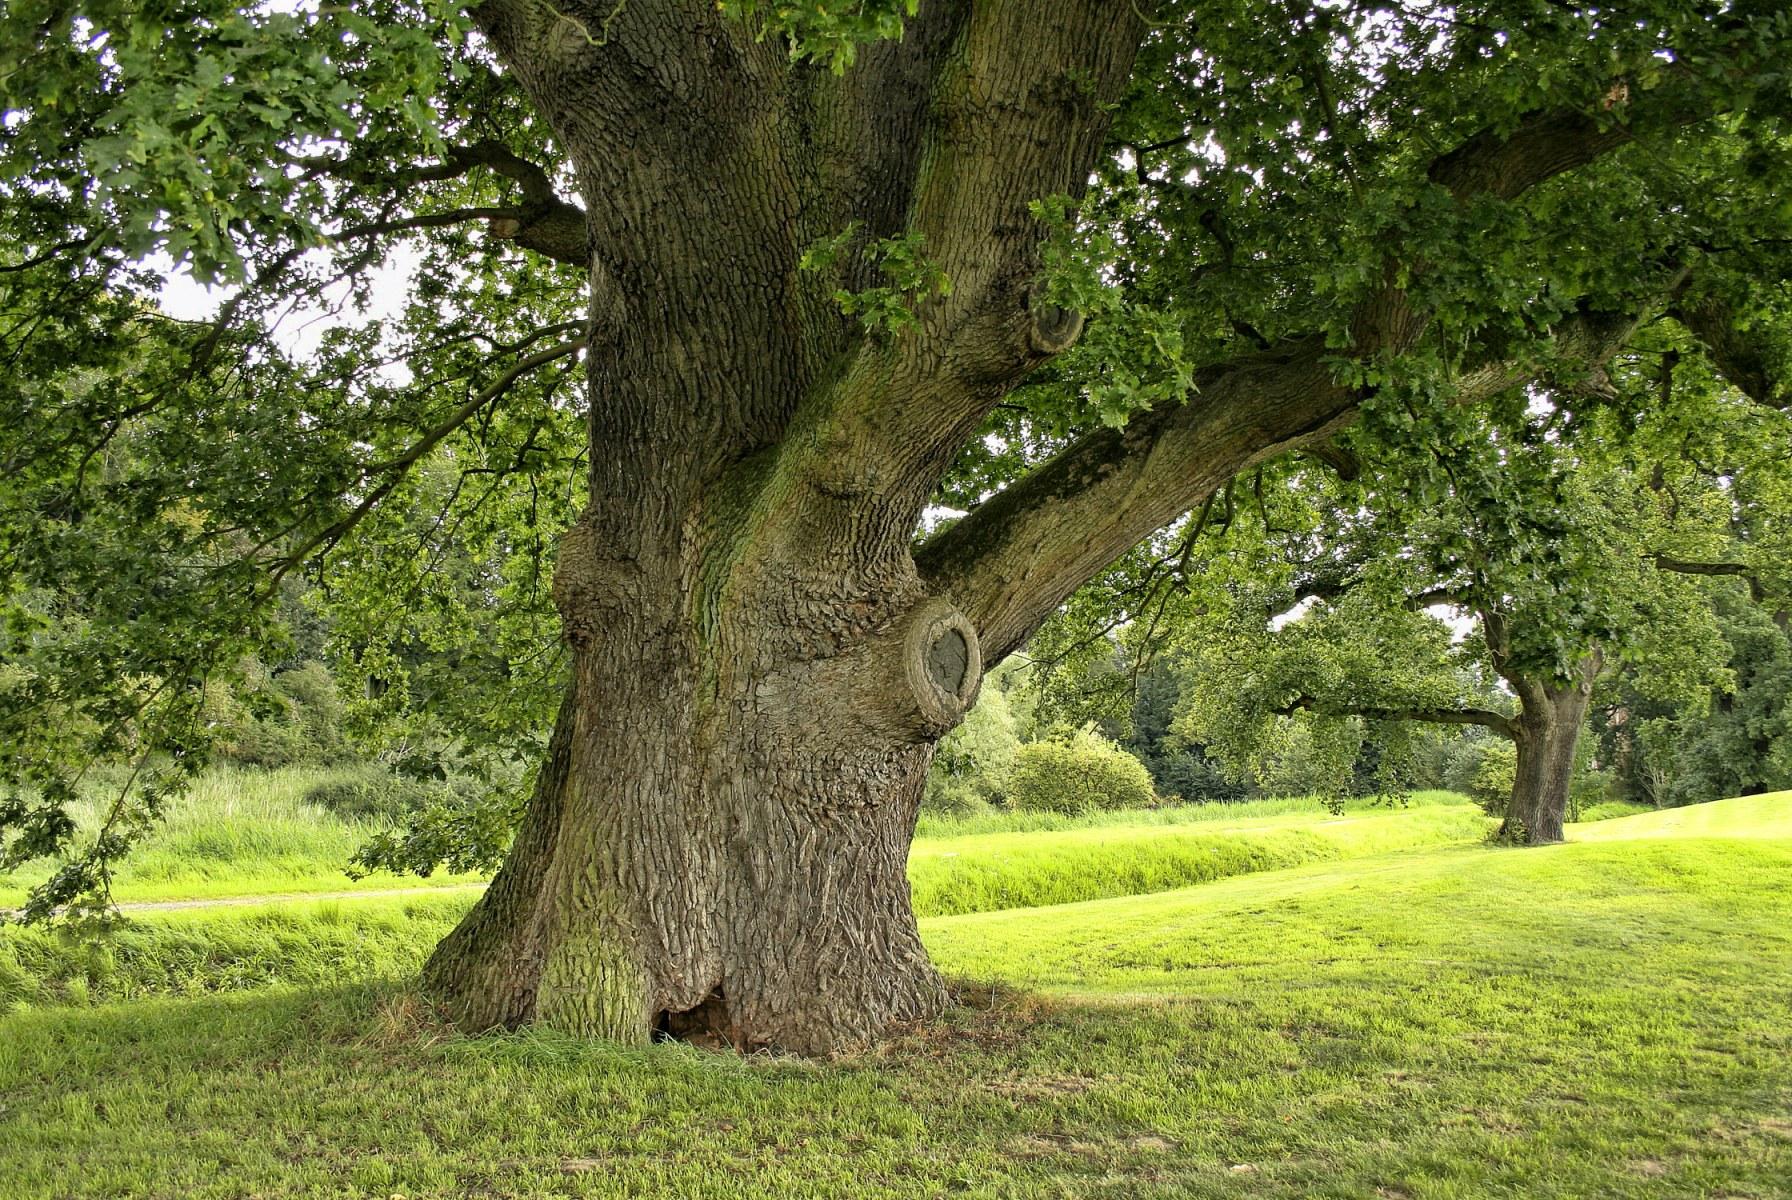 Periodo Migliore Per Potare Quercia quercia - descrizione, specie, corteccia di quercia